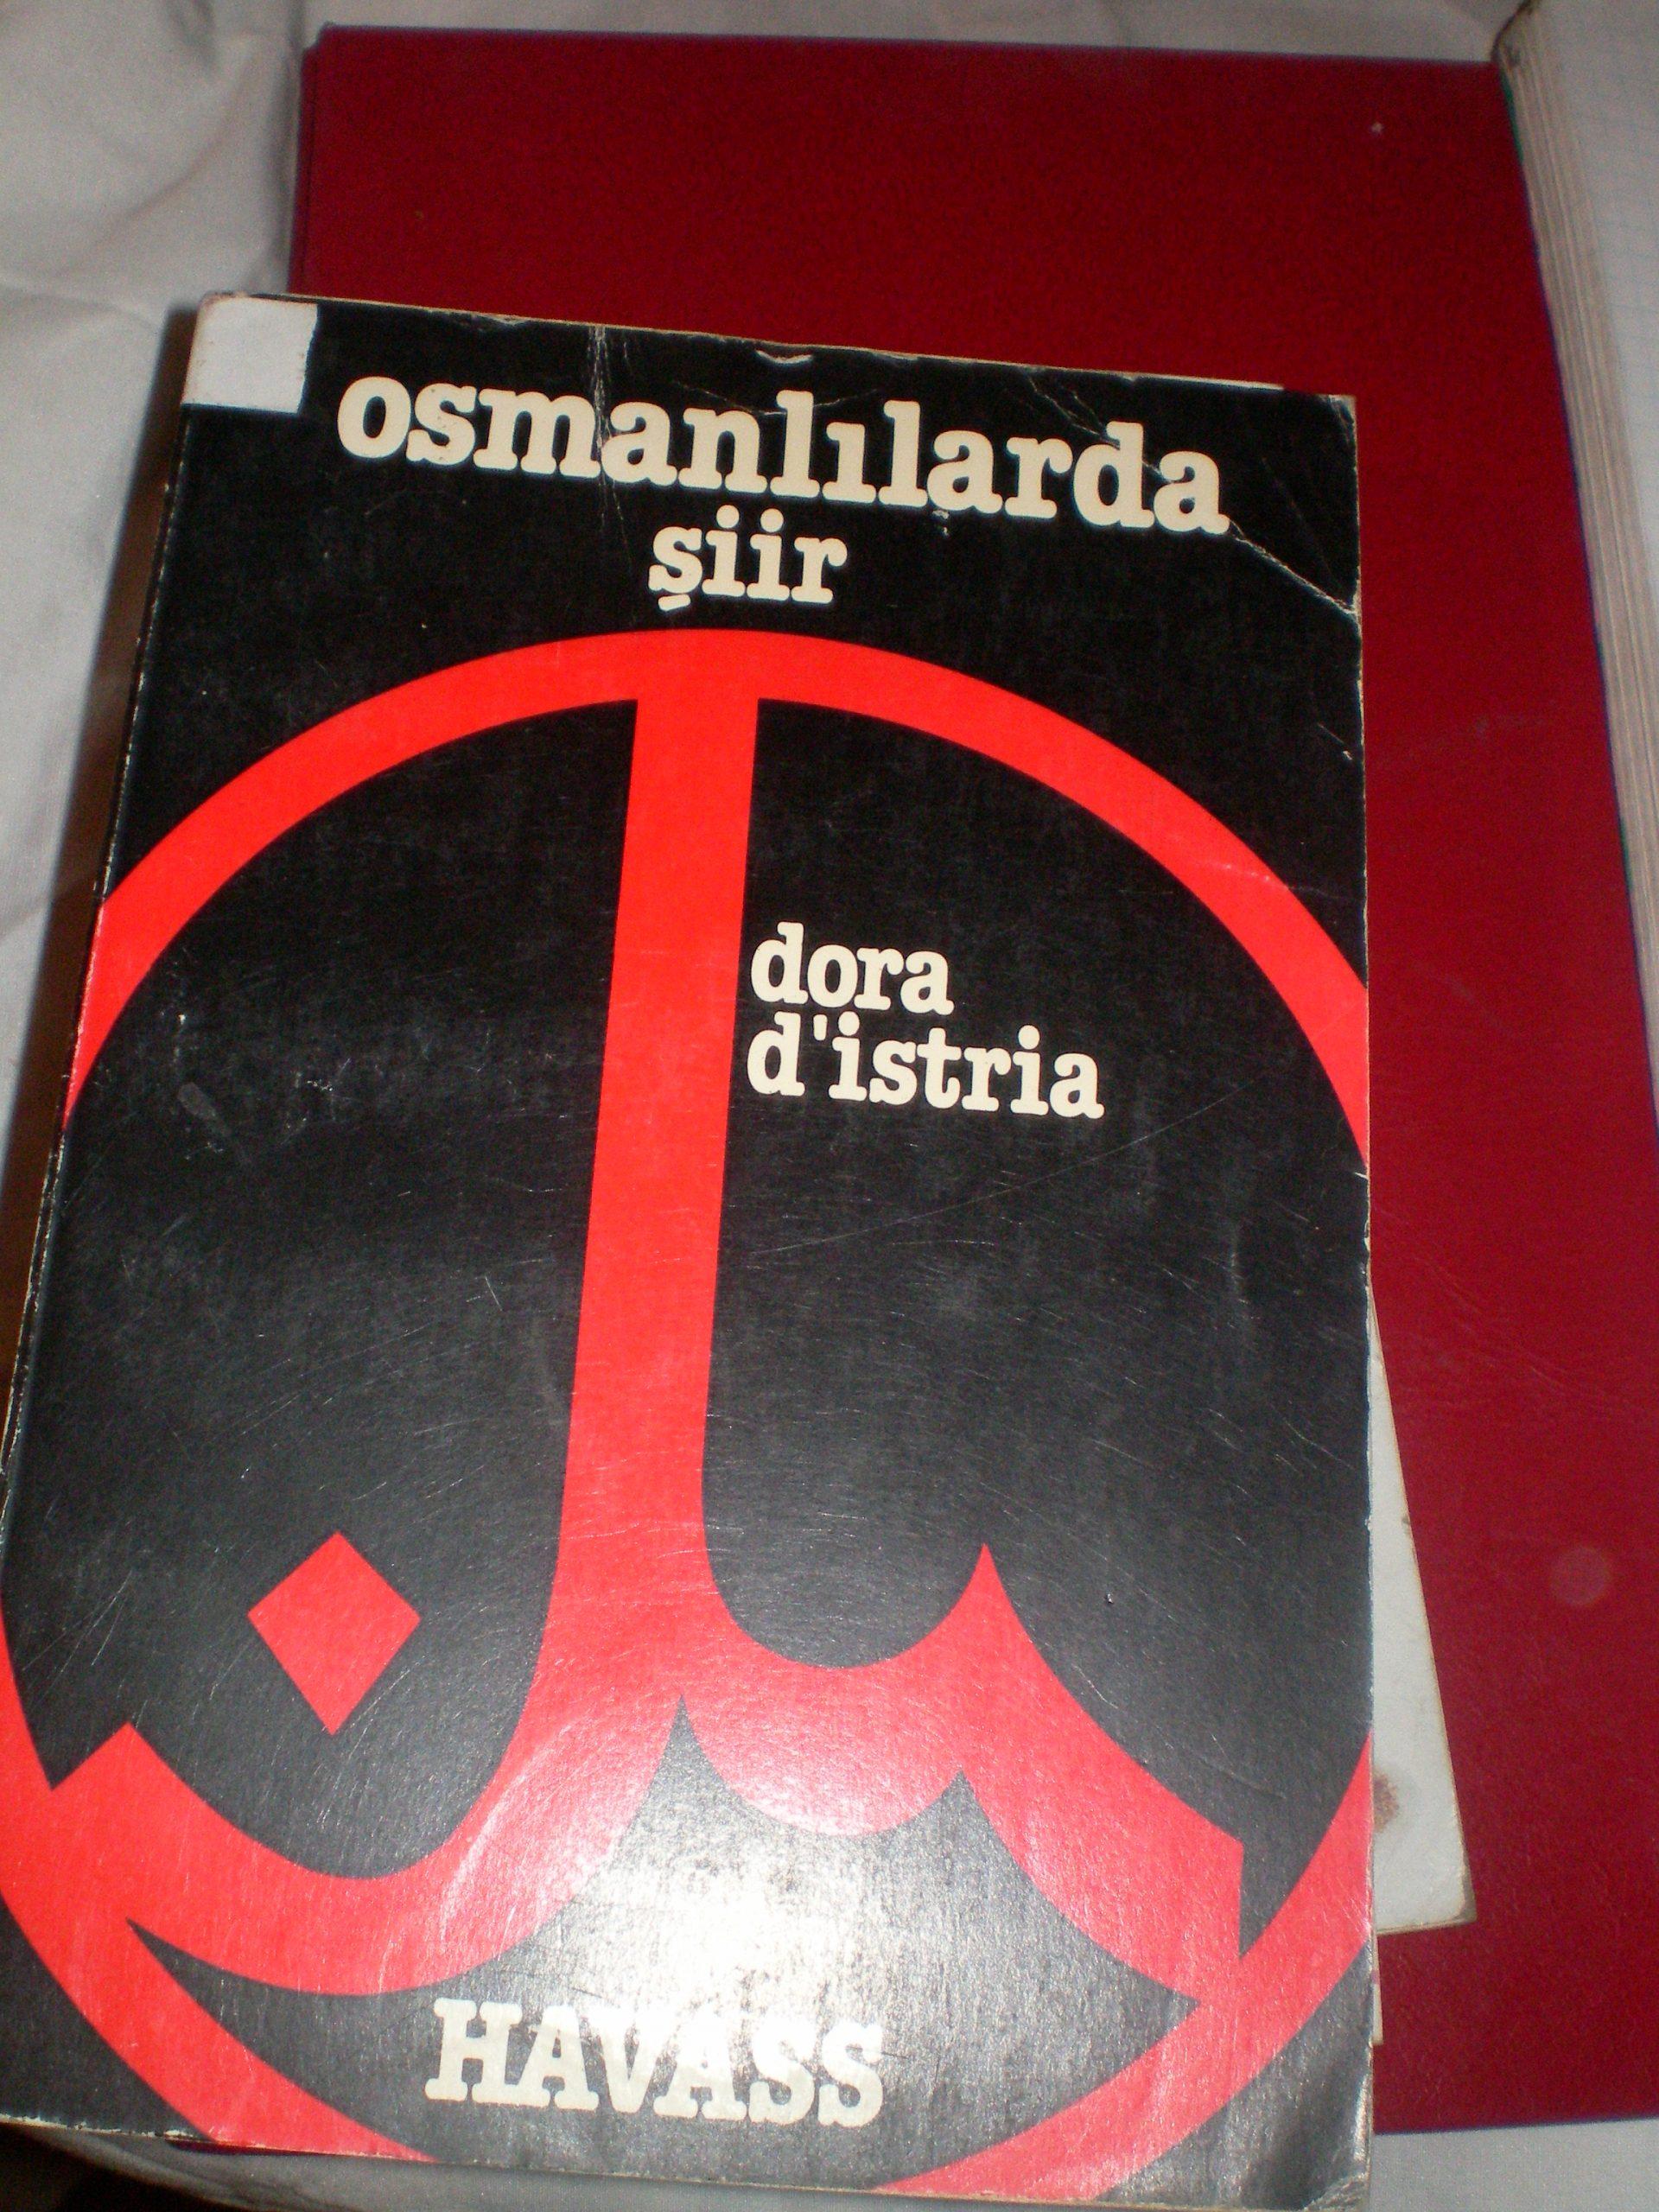 OSMANLILARDA ŞİİR/ Dora d'istria